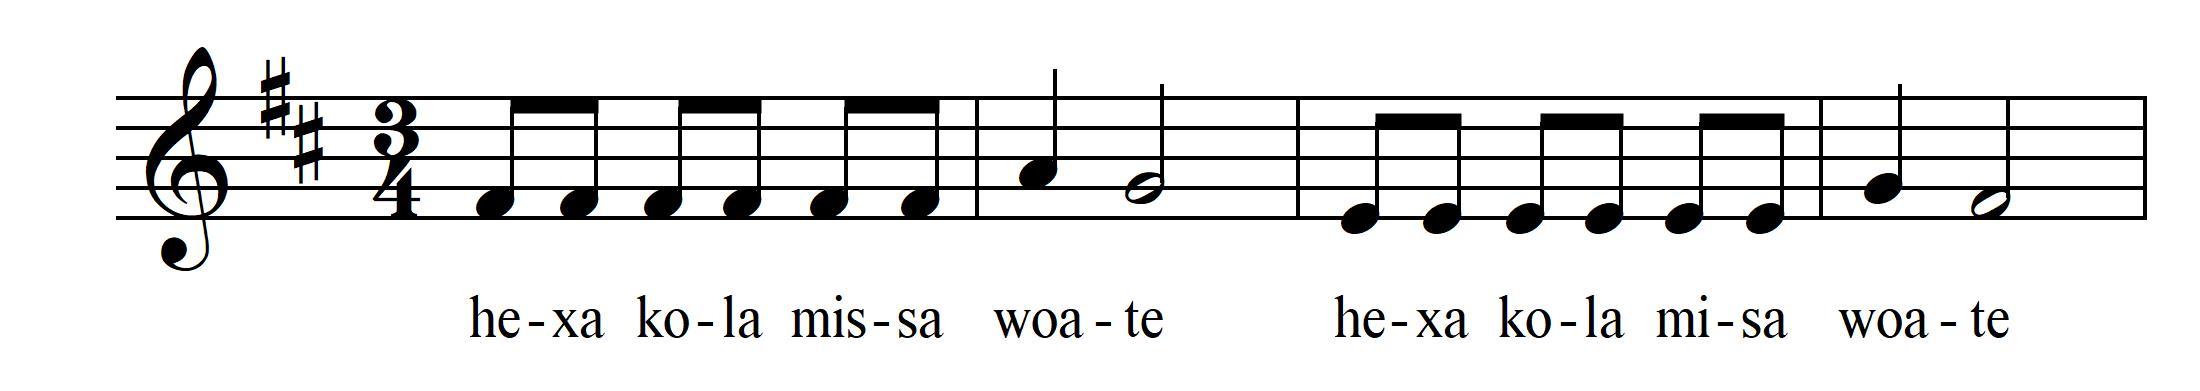 Atte Katte Nuwa - Mit Rhythmuswörtern